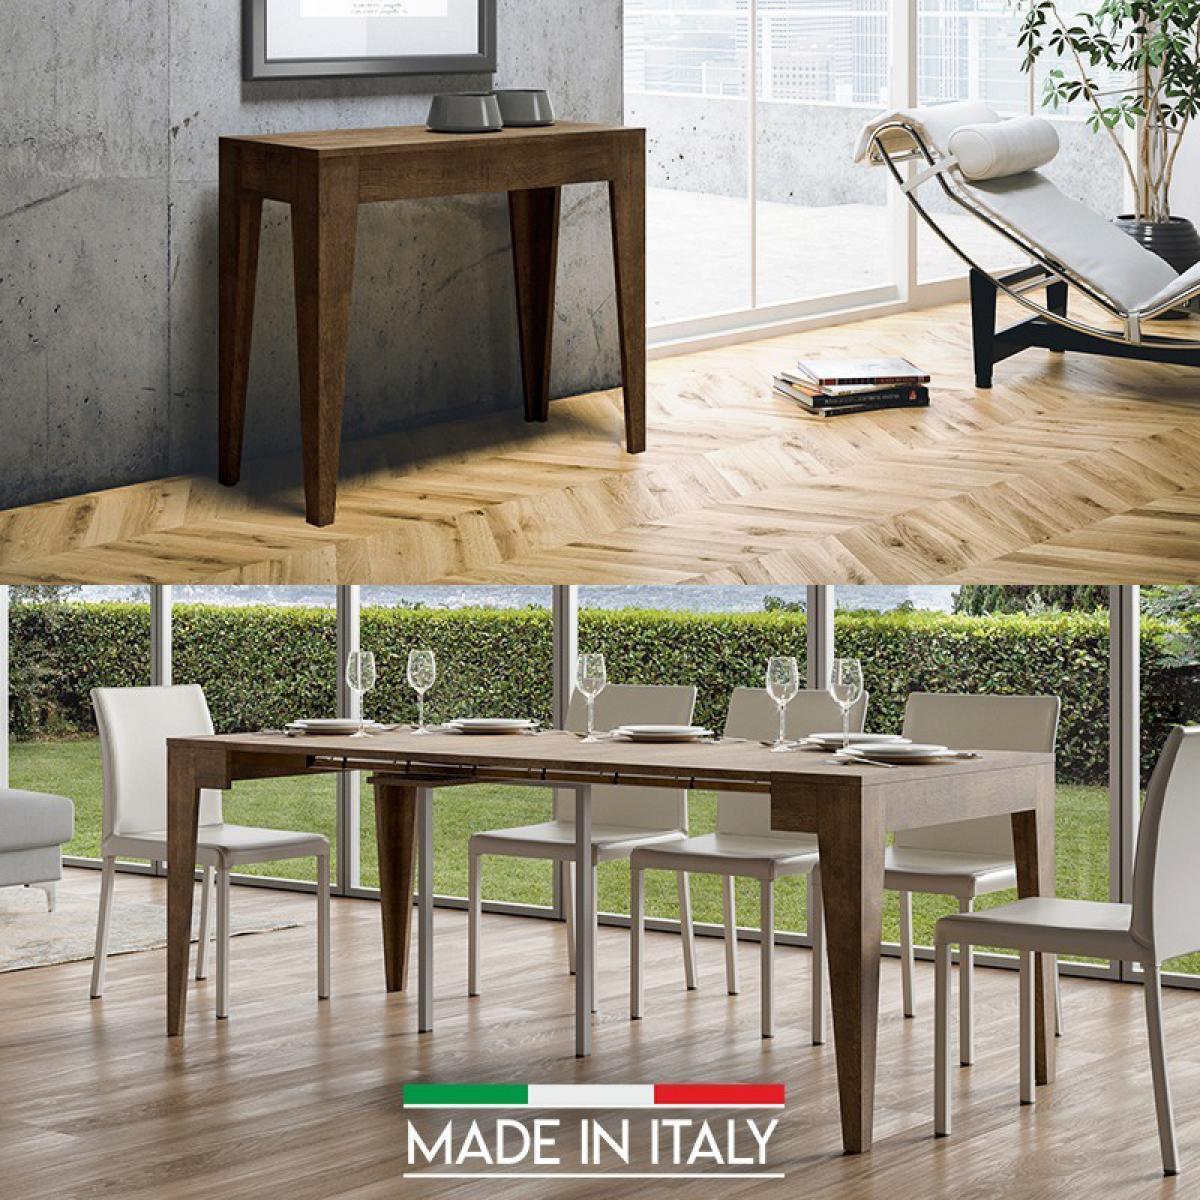 Meubler Design Table Console extensible Isotta Bois - Noyer, Nombre d'extensions - 3 Rallonges